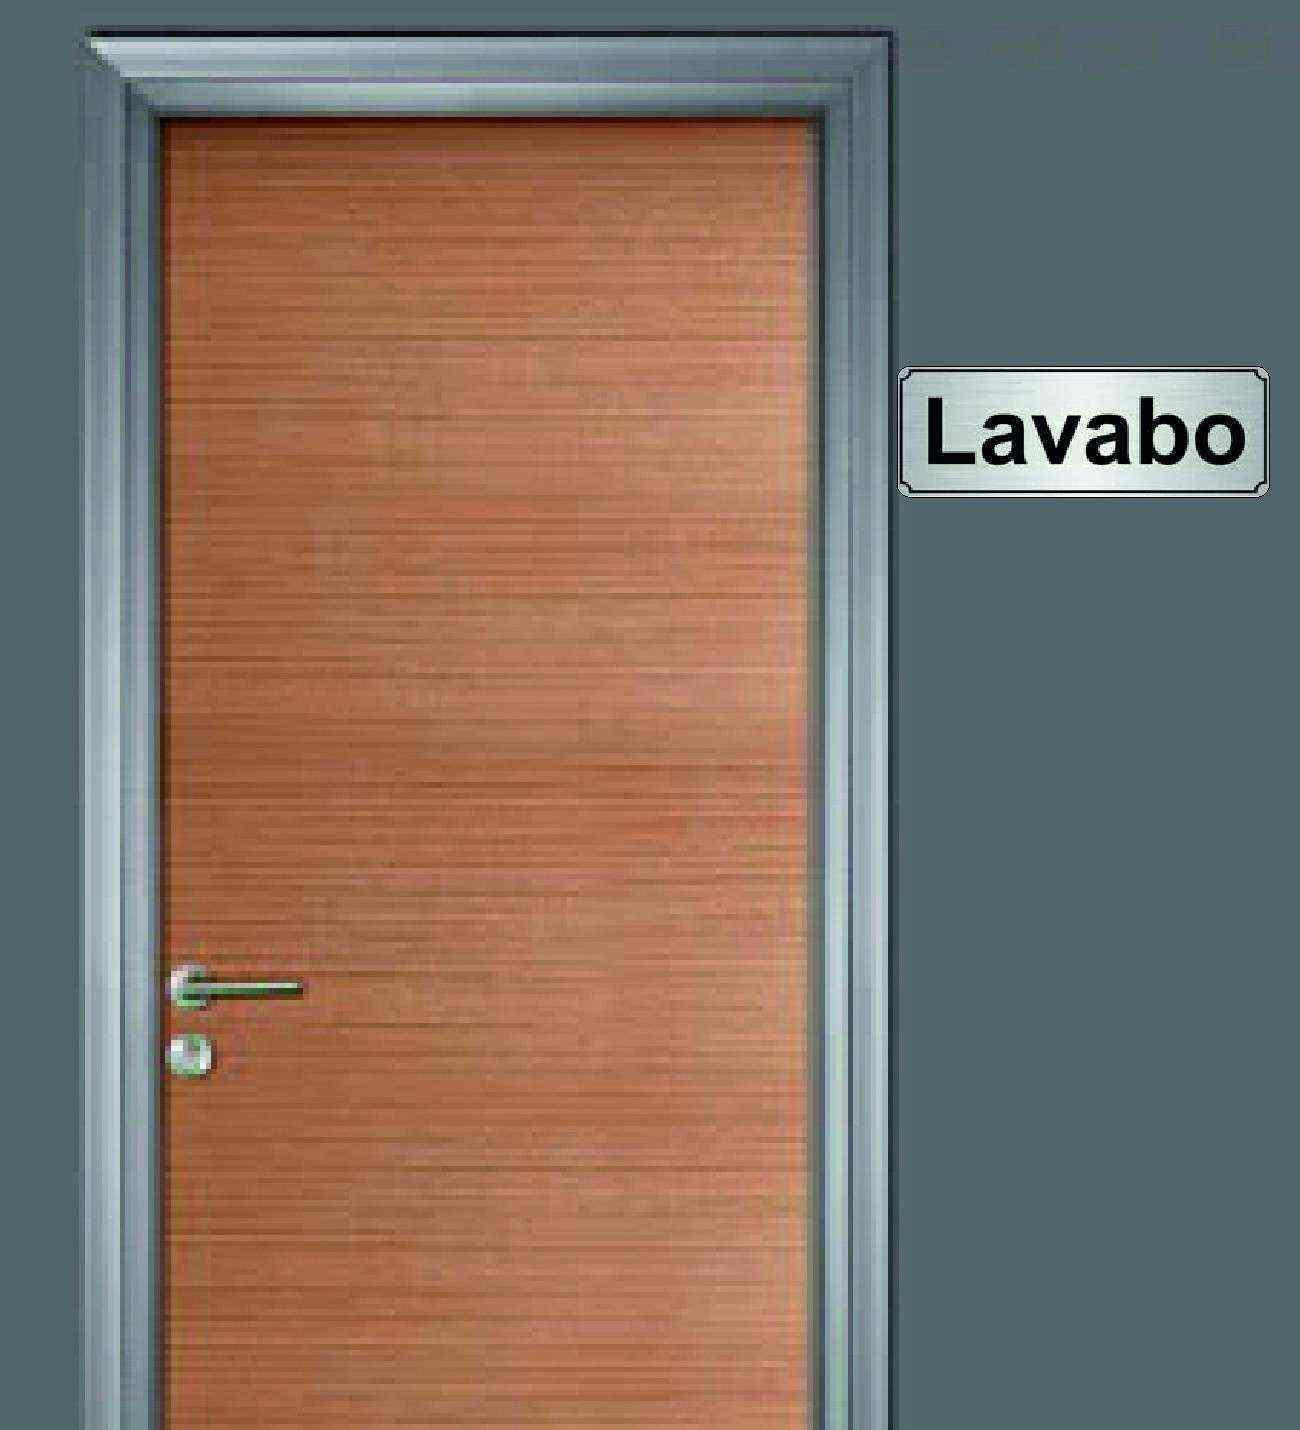 10x20 cm Lavabo Yazılı Metal Yönlendirme Levhası